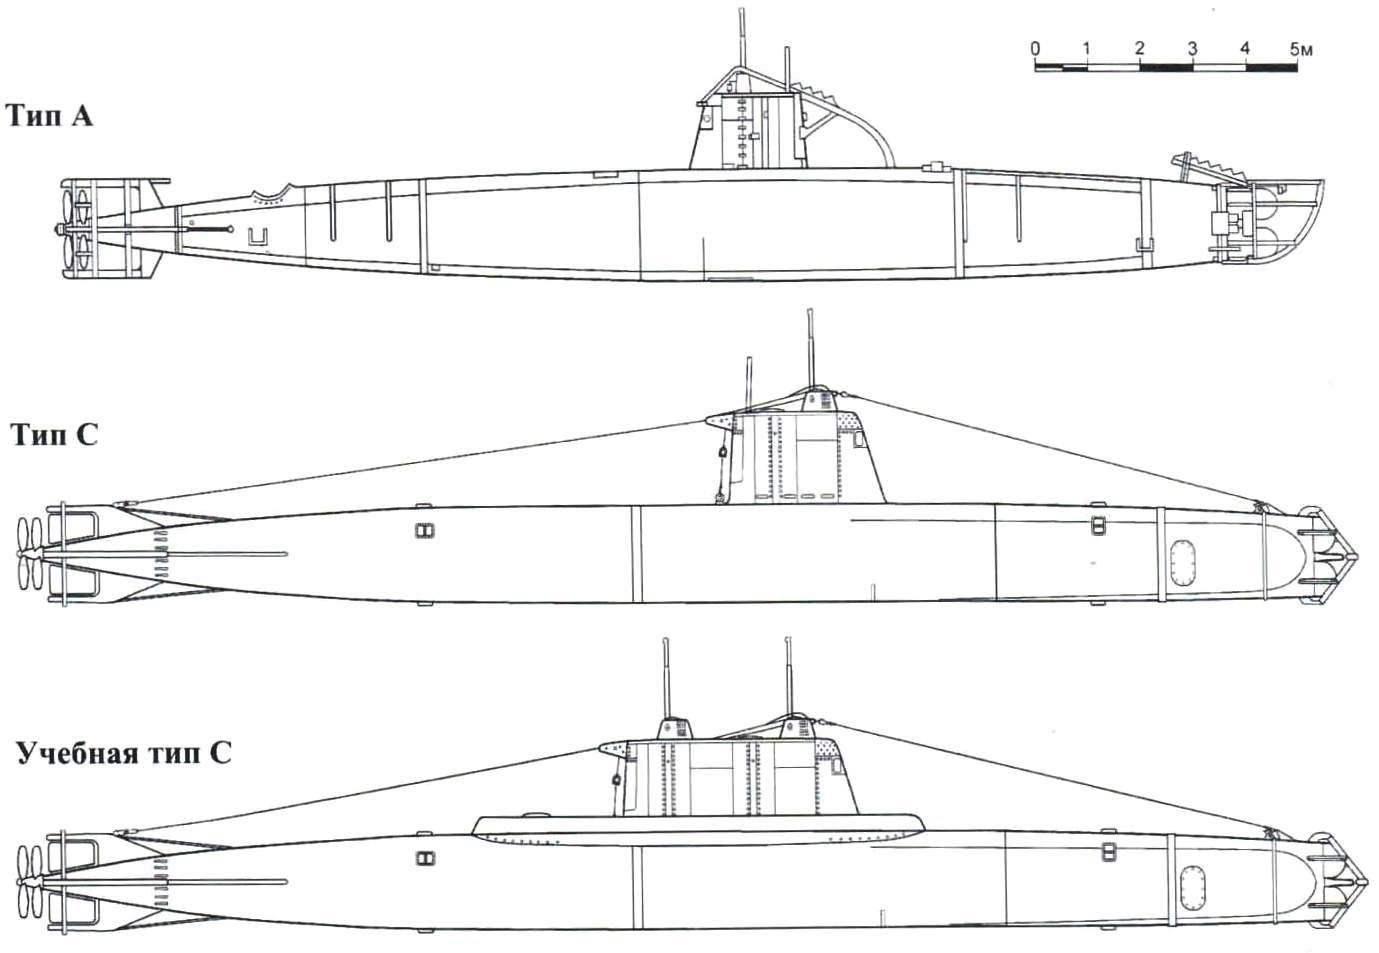 Схемы японских сверхмалых подводных лодок